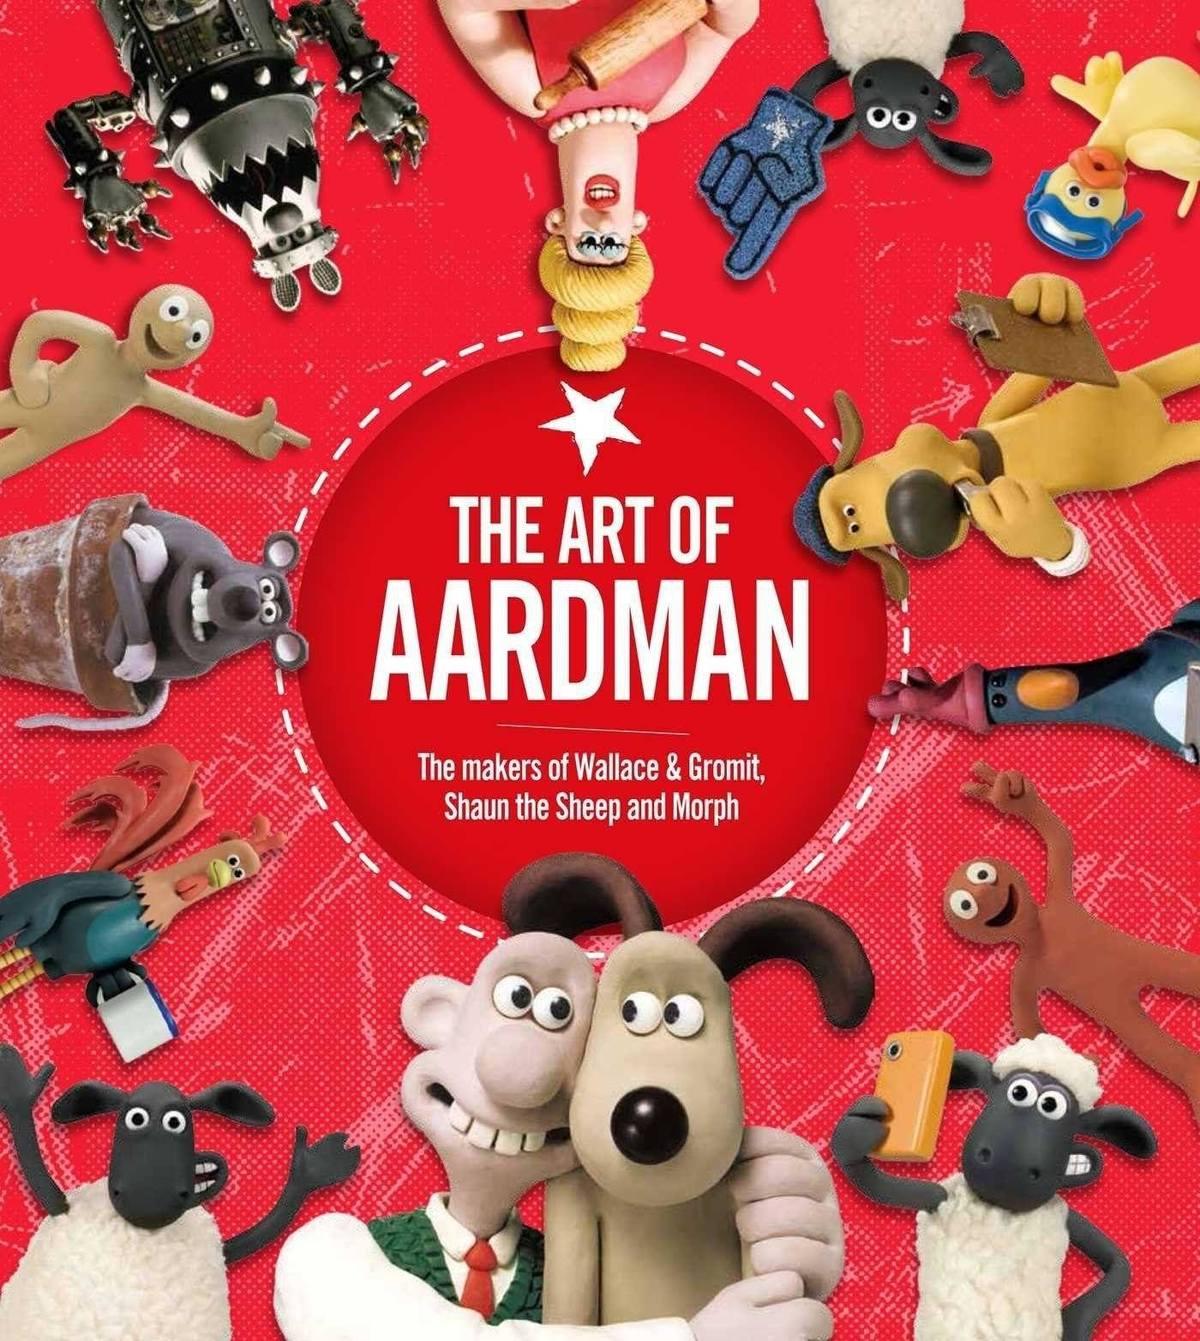 The Art of Aardman hardback book (Simon & Schuster) for £4.49 delivered @ Books2Door